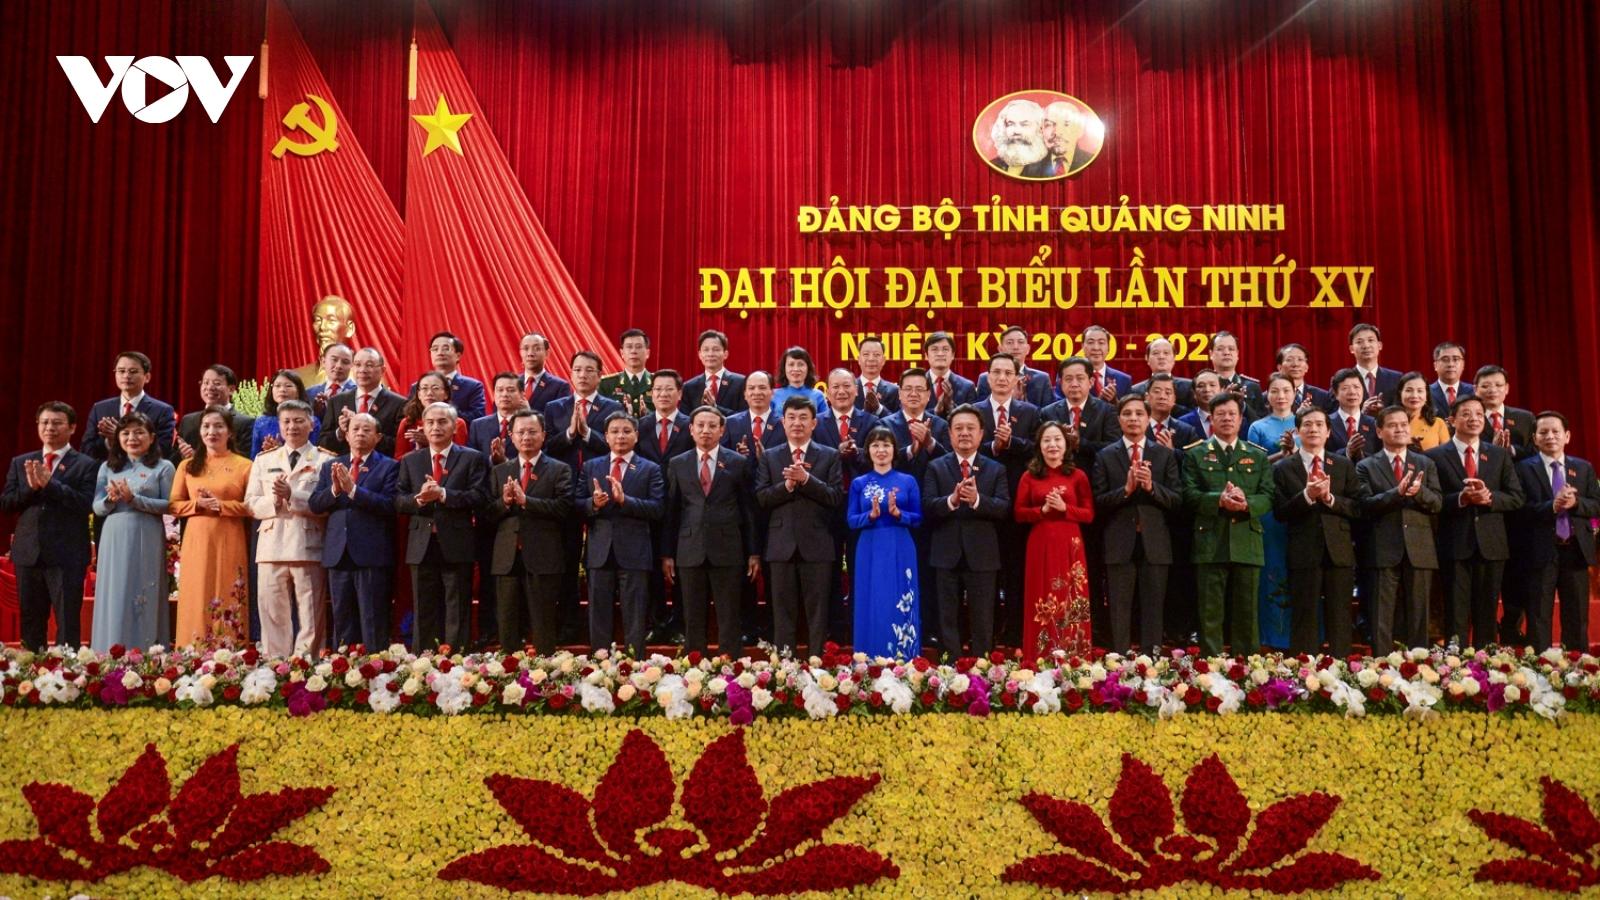 Xây dựng Quảng Ninh thành trung tâm phát triển năng động, toàn diện phía Bắc